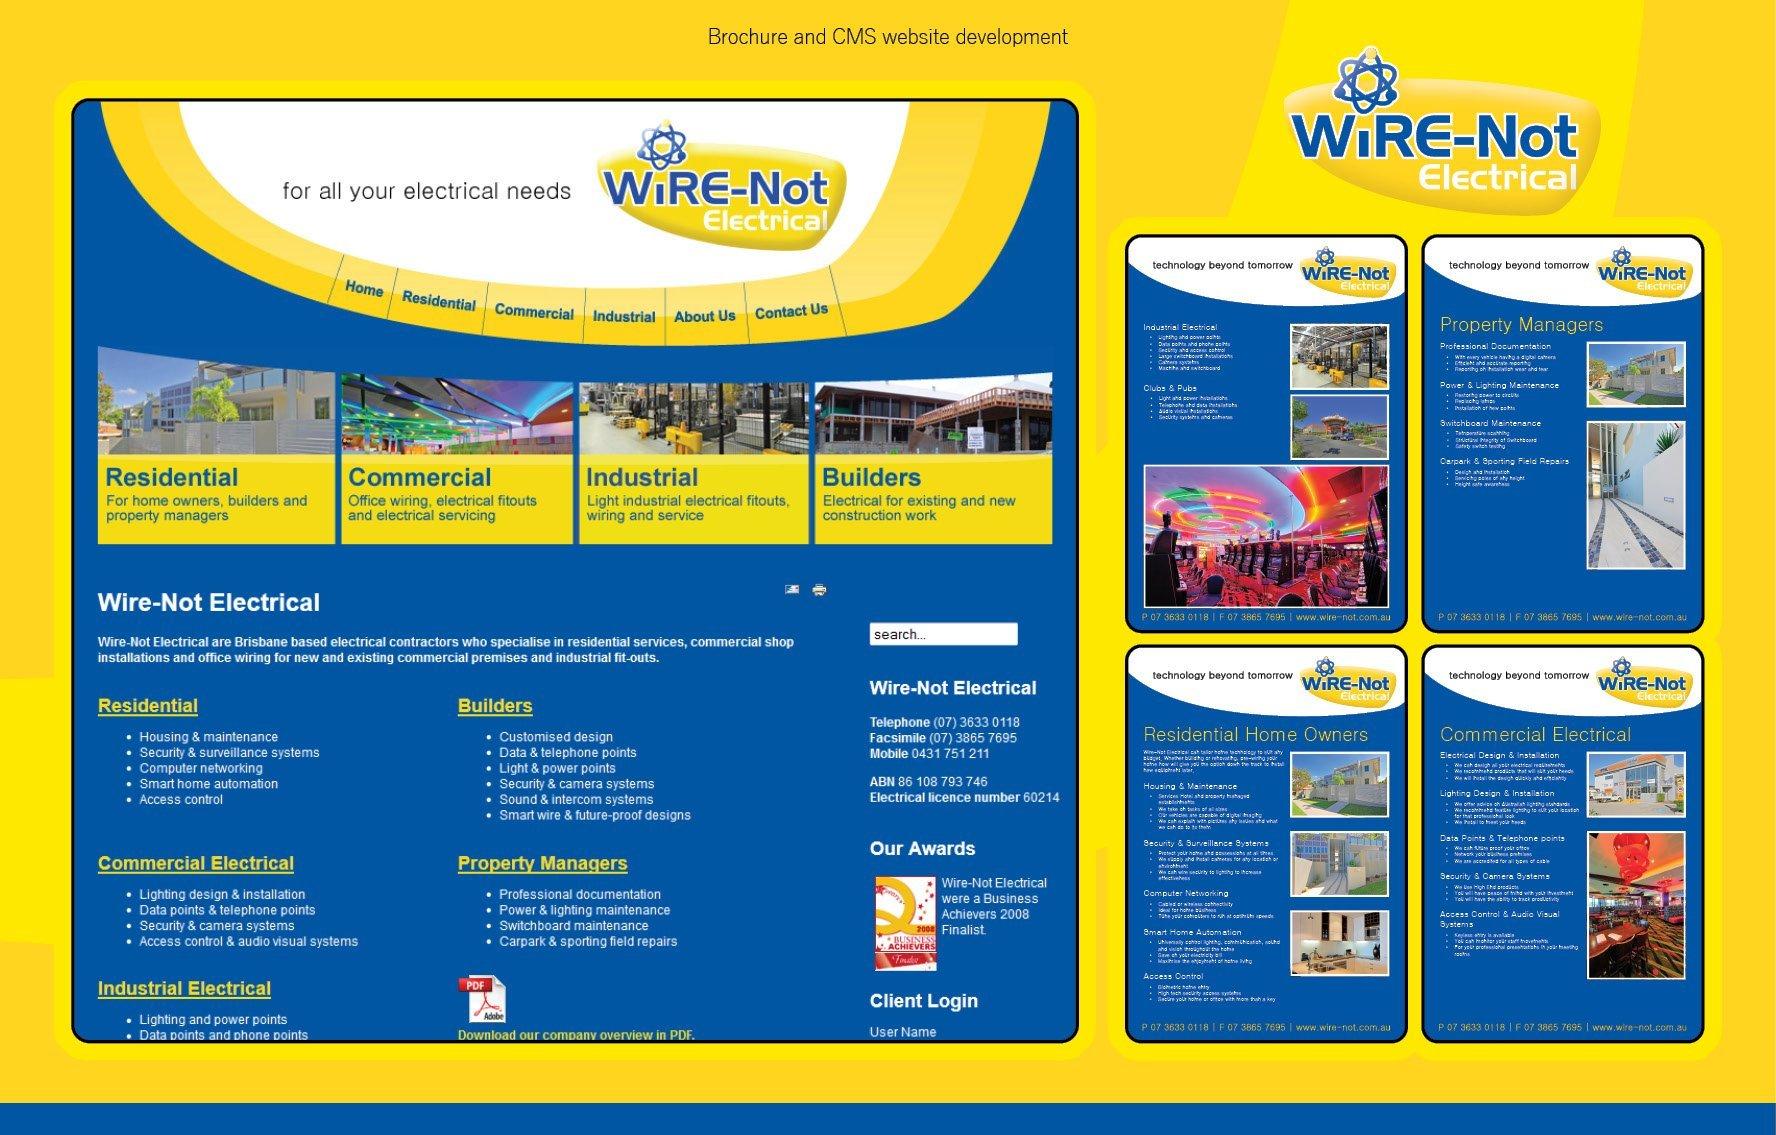 Portfolio - work at Wire-Not